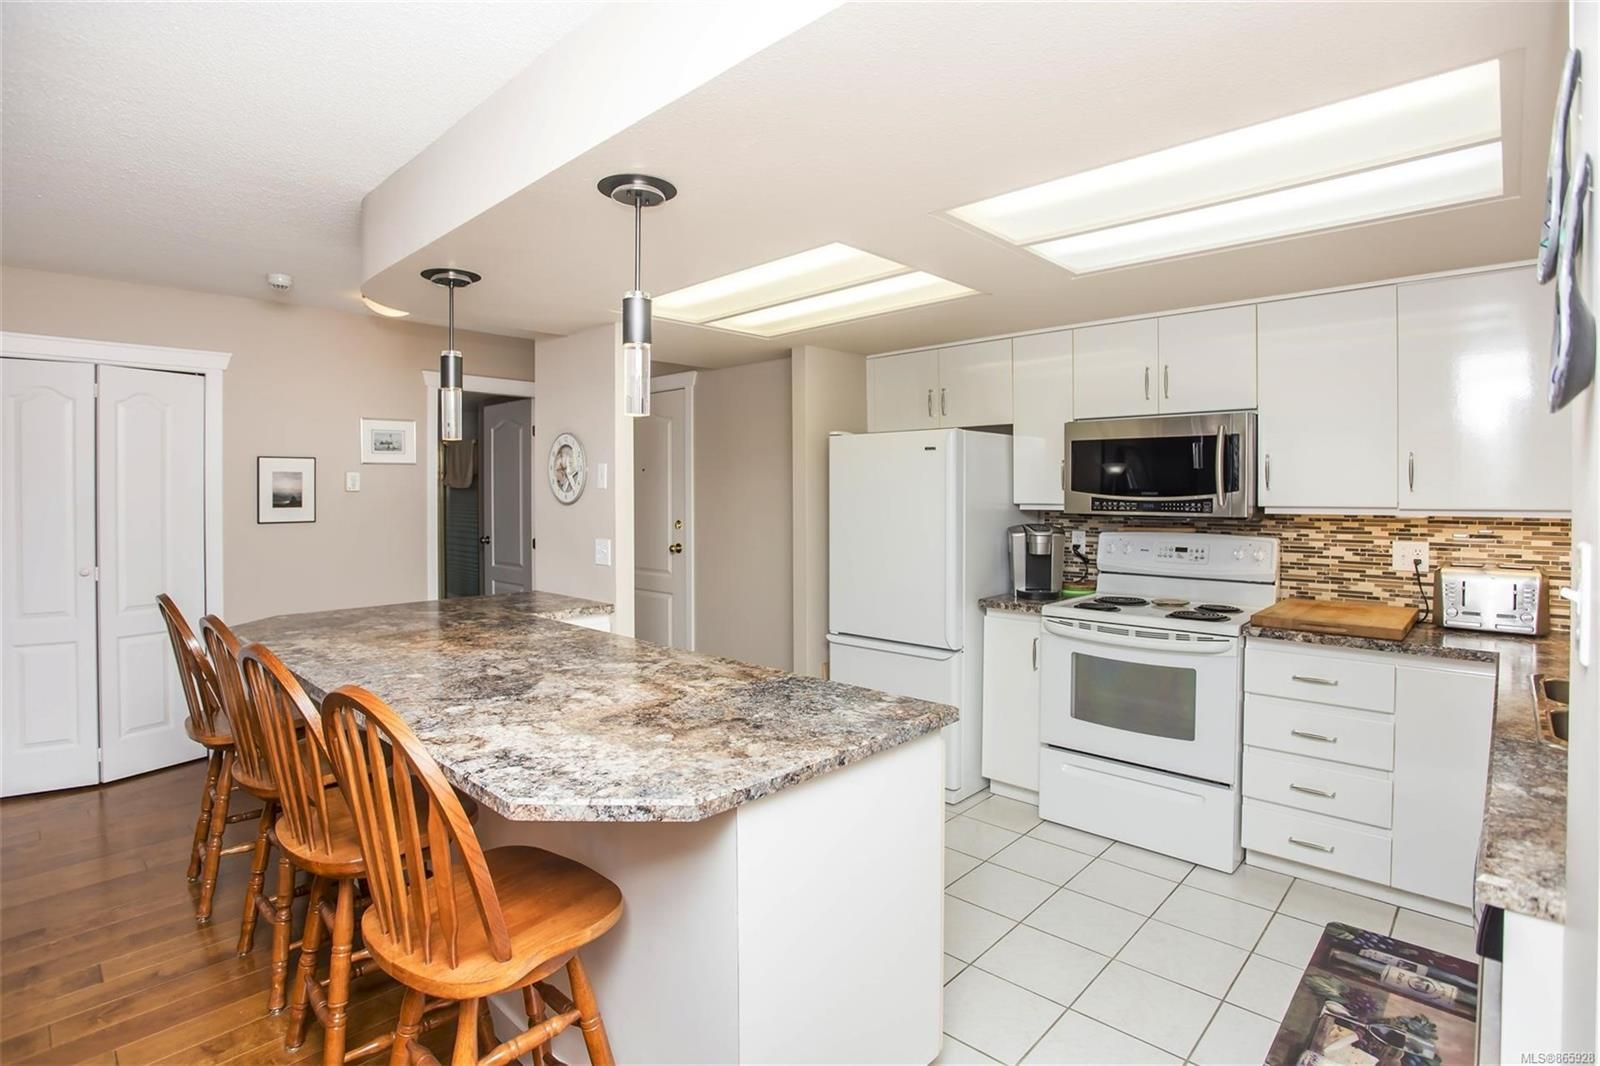 Main Photo: 206 158 Promenade Dr in : Na Central Nanaimo Condo for sale (Nanaimo)  : MLS®# 865928